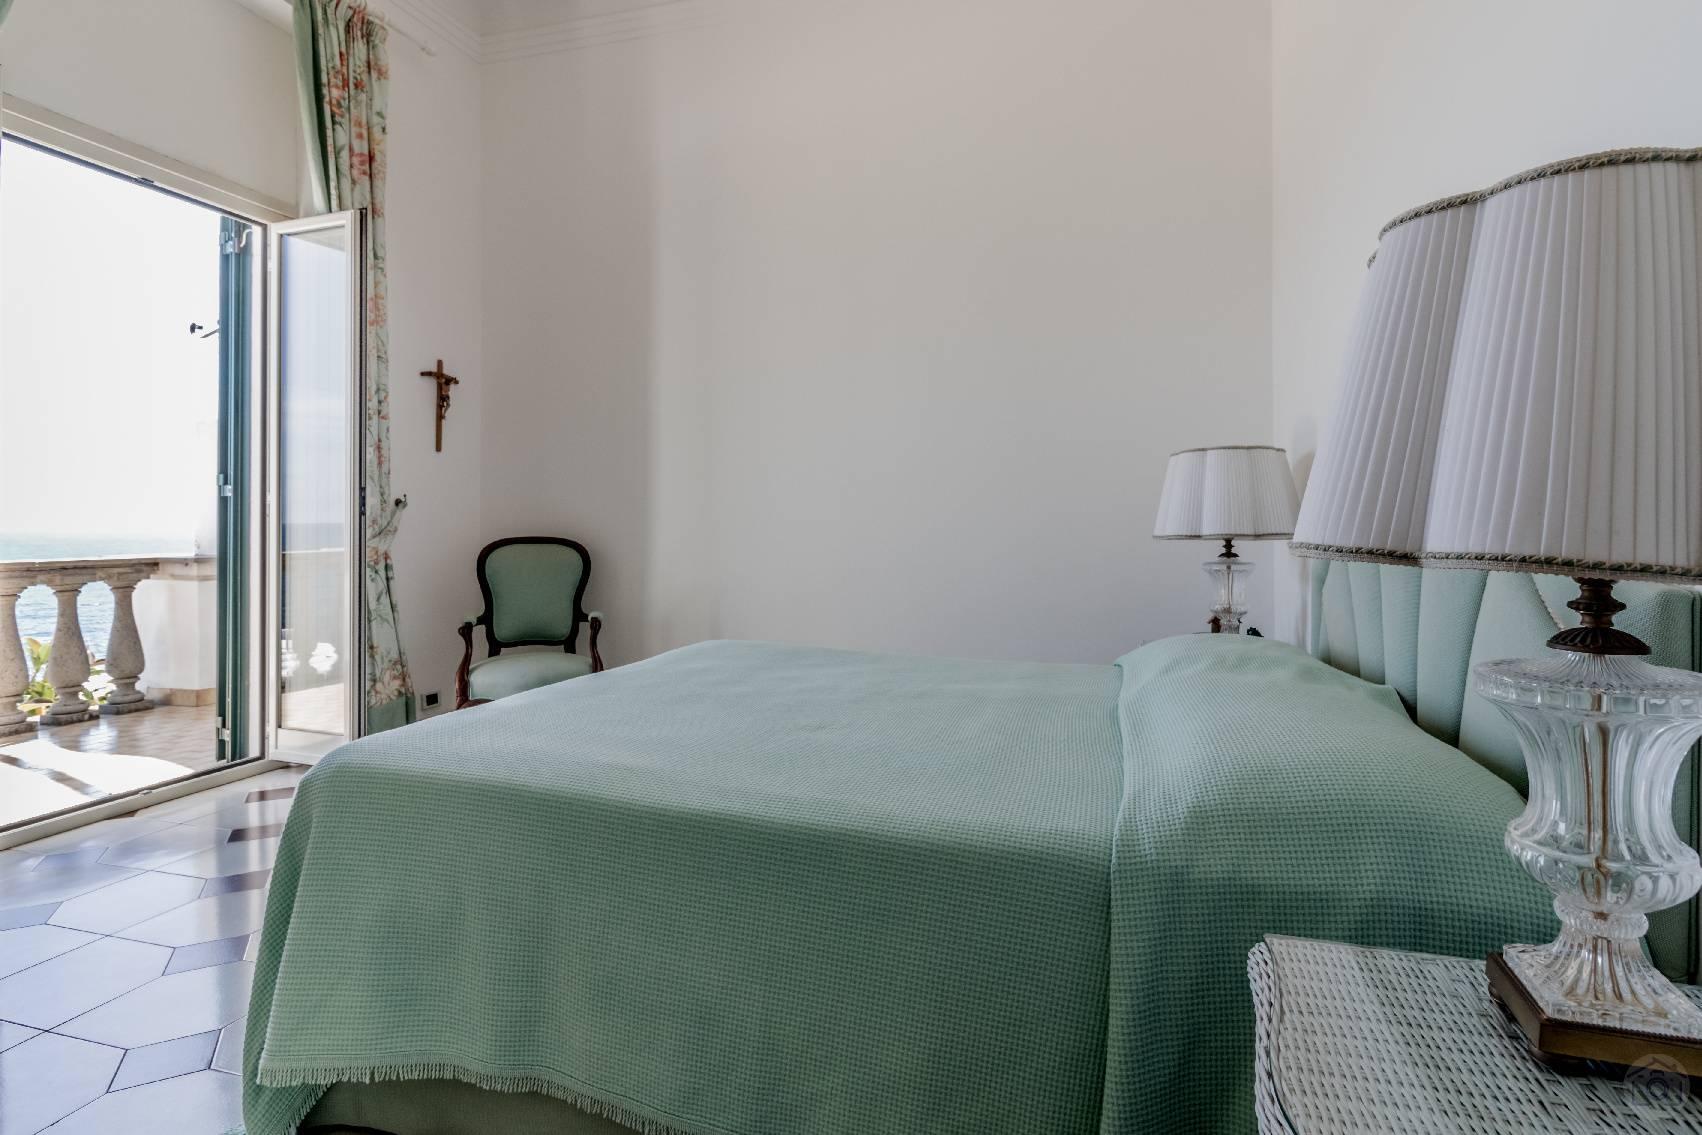 Villa in Vendita a Santa Marinella: 5 locali, 350 mq - Foto 10